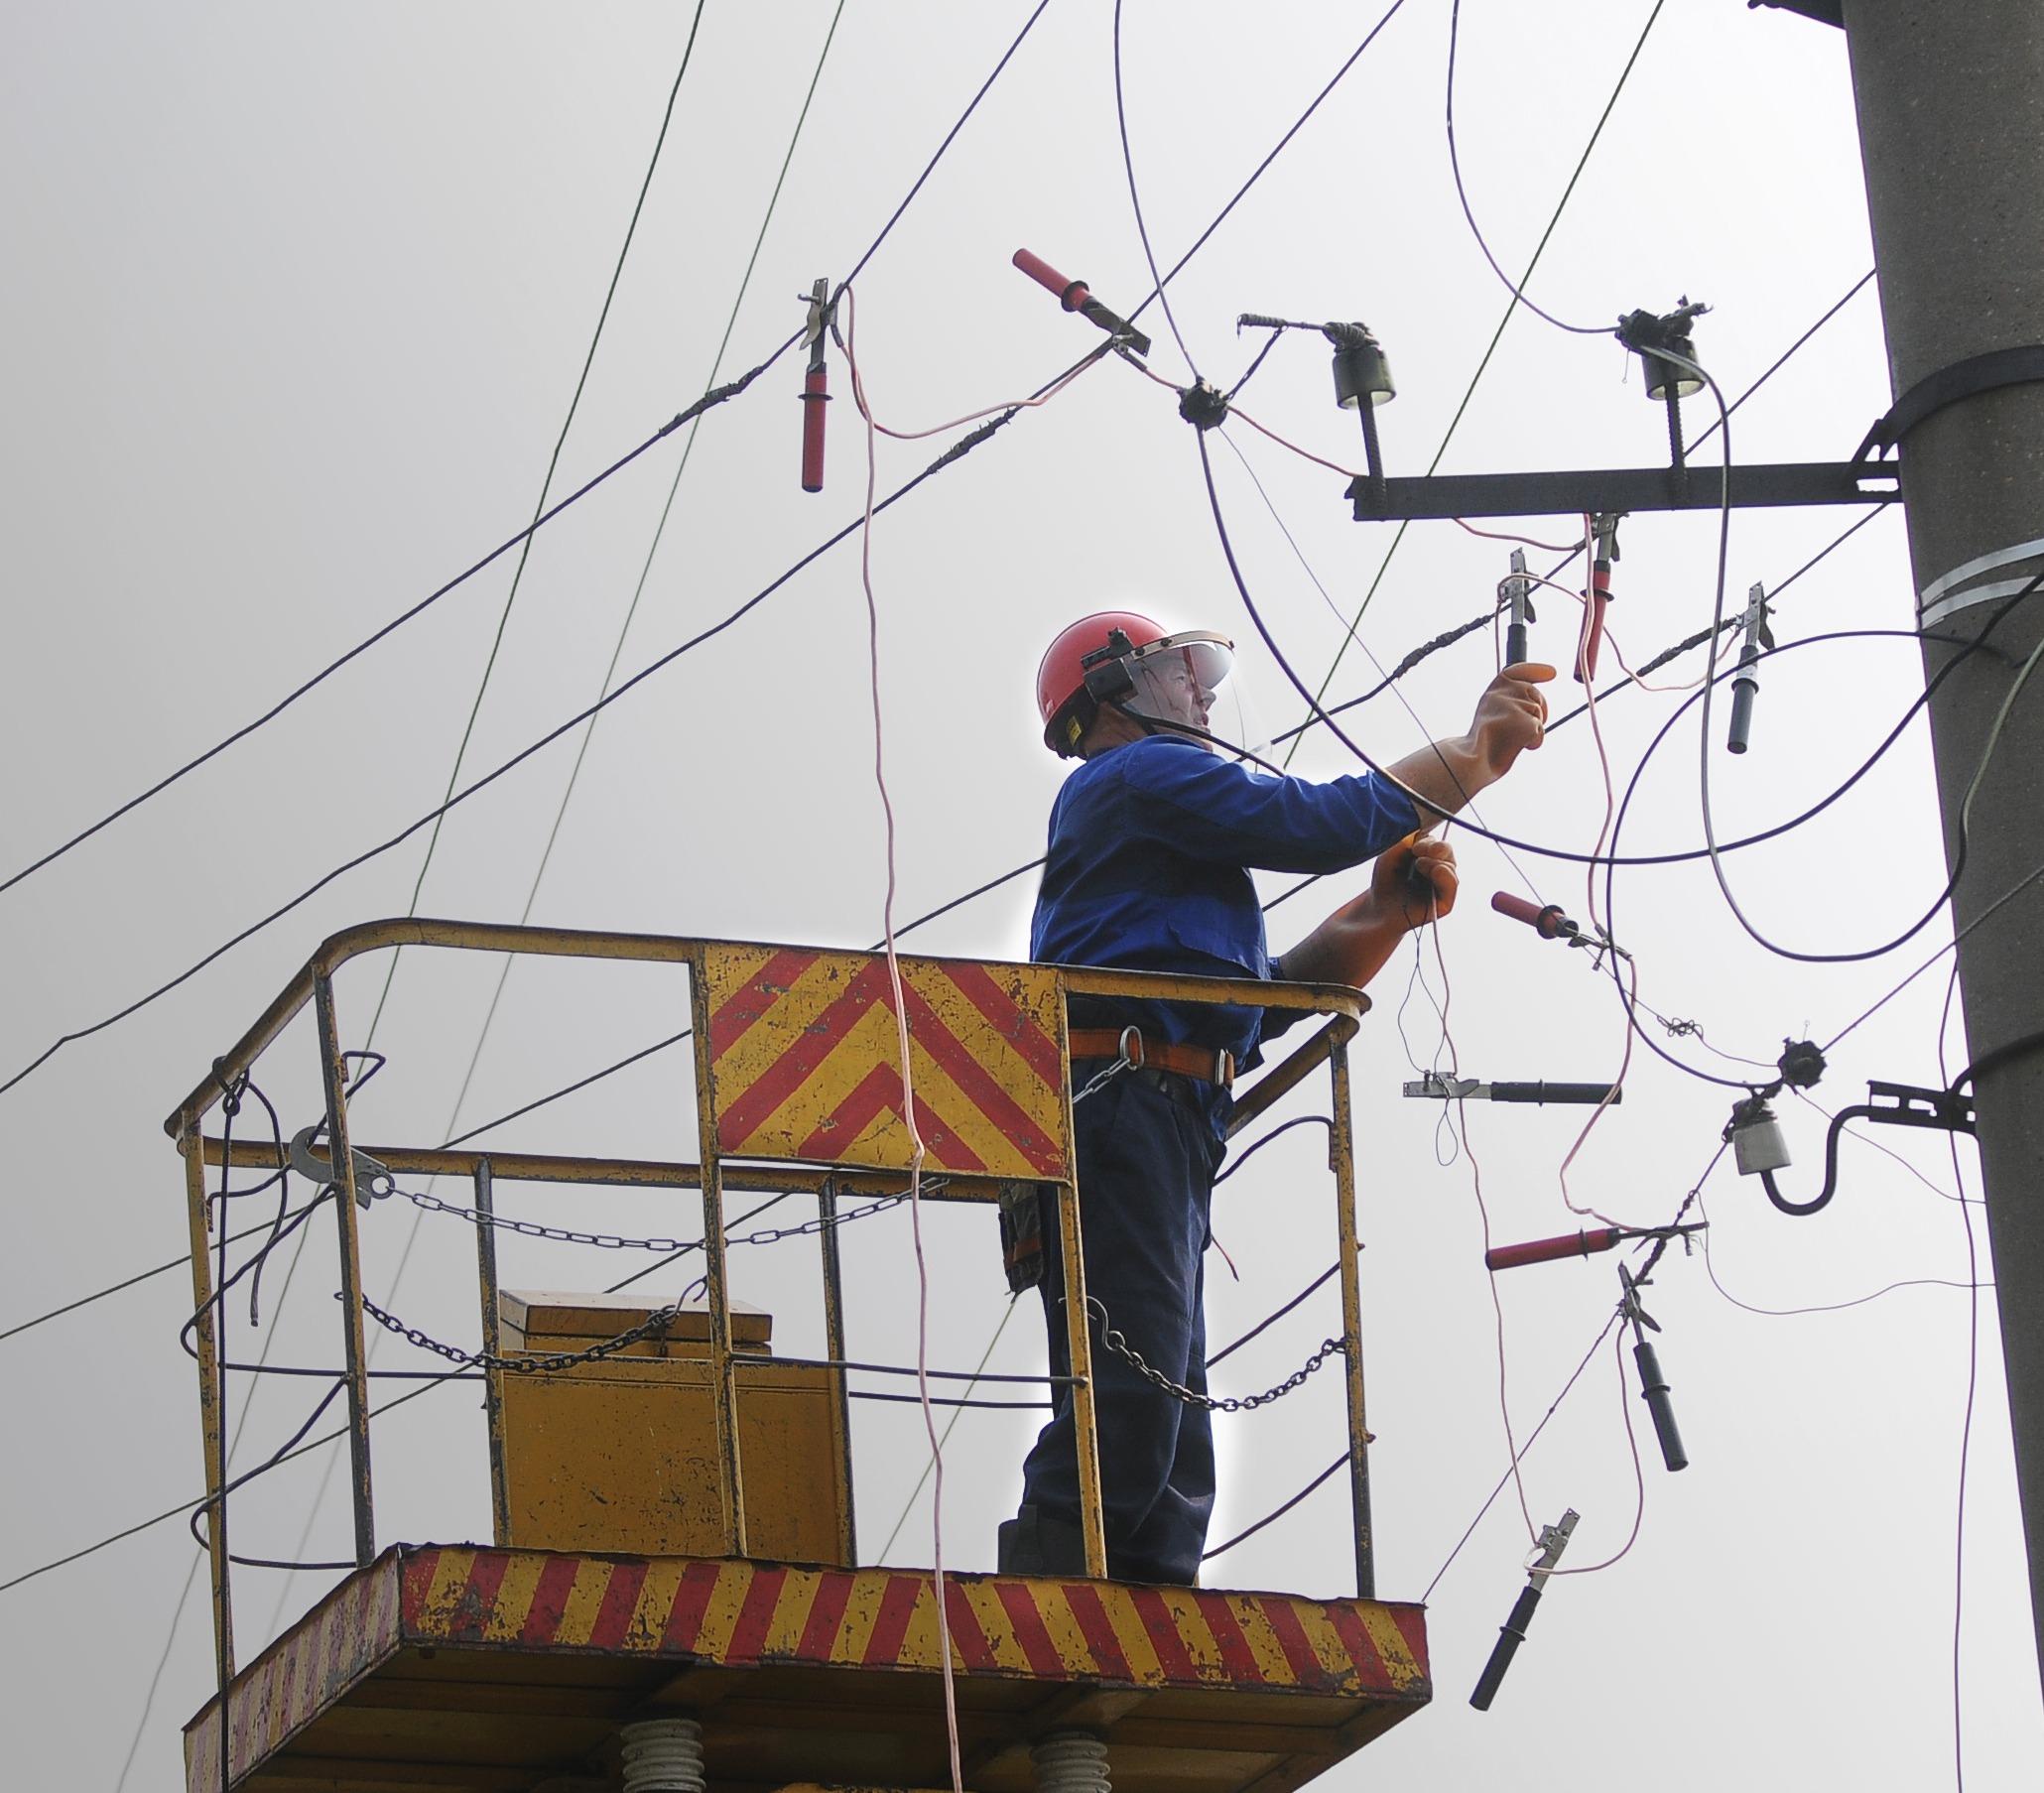 Для скорейшего восстановления электроснабжения потребителей состав оперативно-выездной бригады цеха распределительных сетей «КрасКома» был дополнен дежурившими на дому электриками.